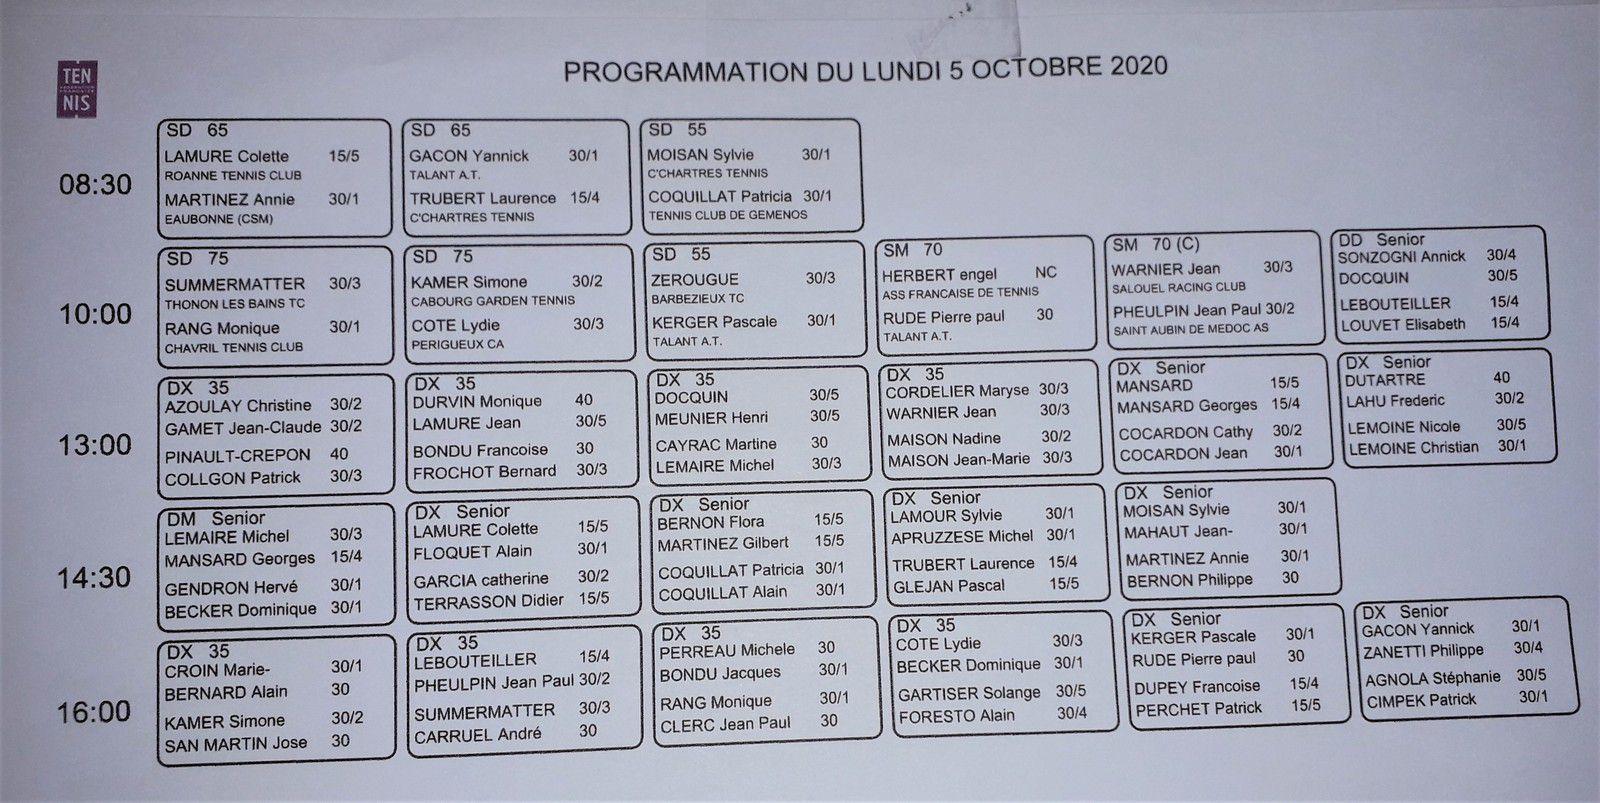 Programmation du lundi 5 octobre